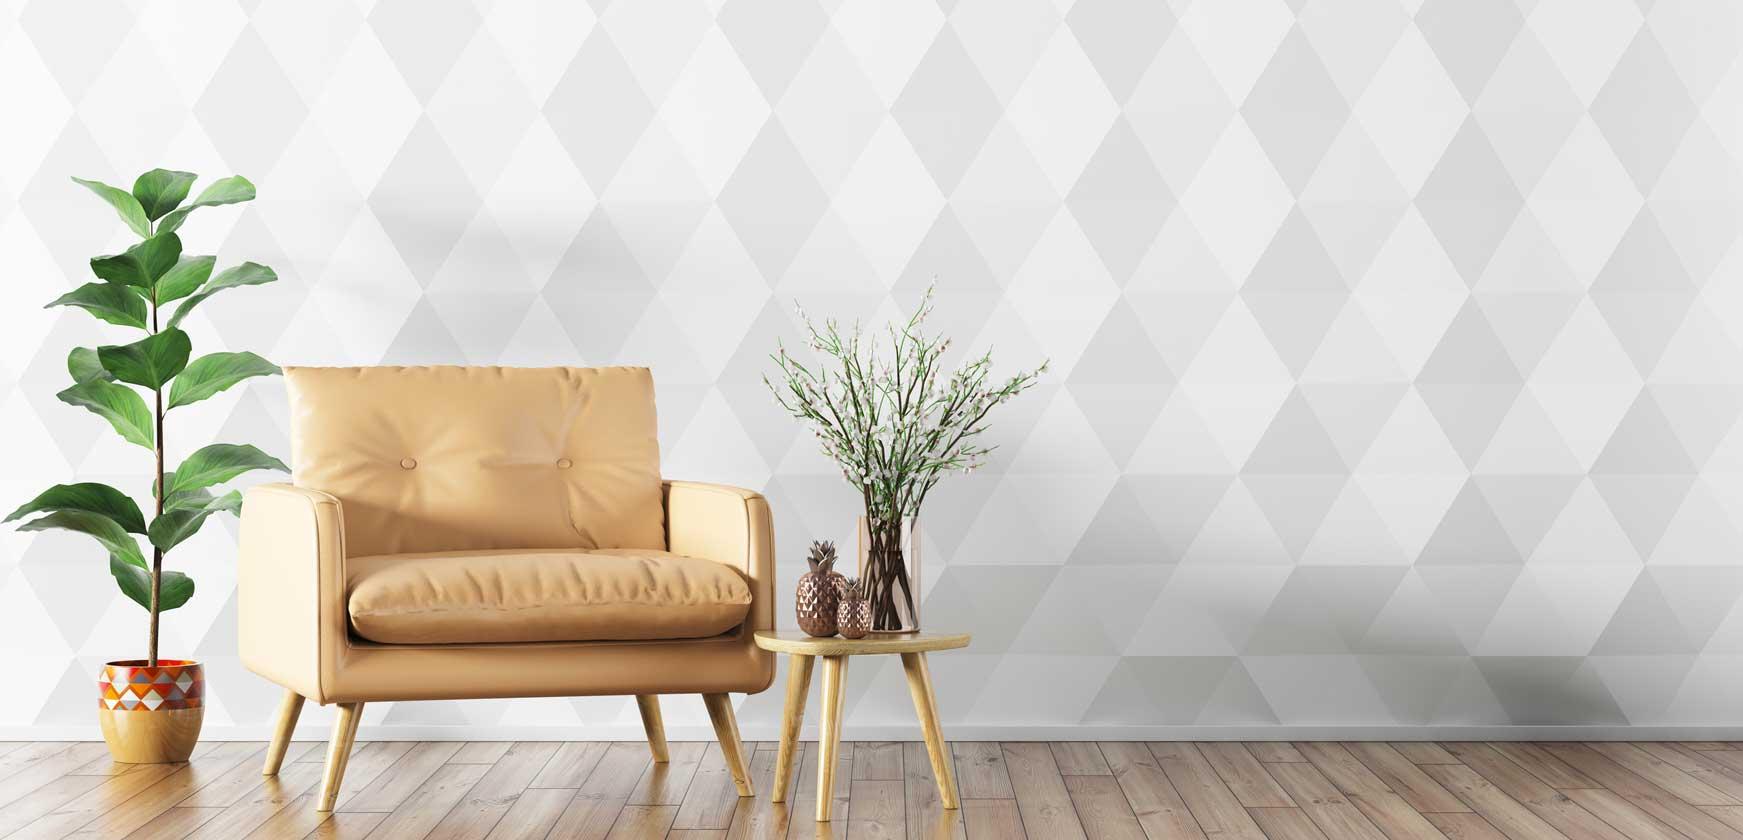 Muehlviertler Baumesse Wand mit Design-Sitzmoebel